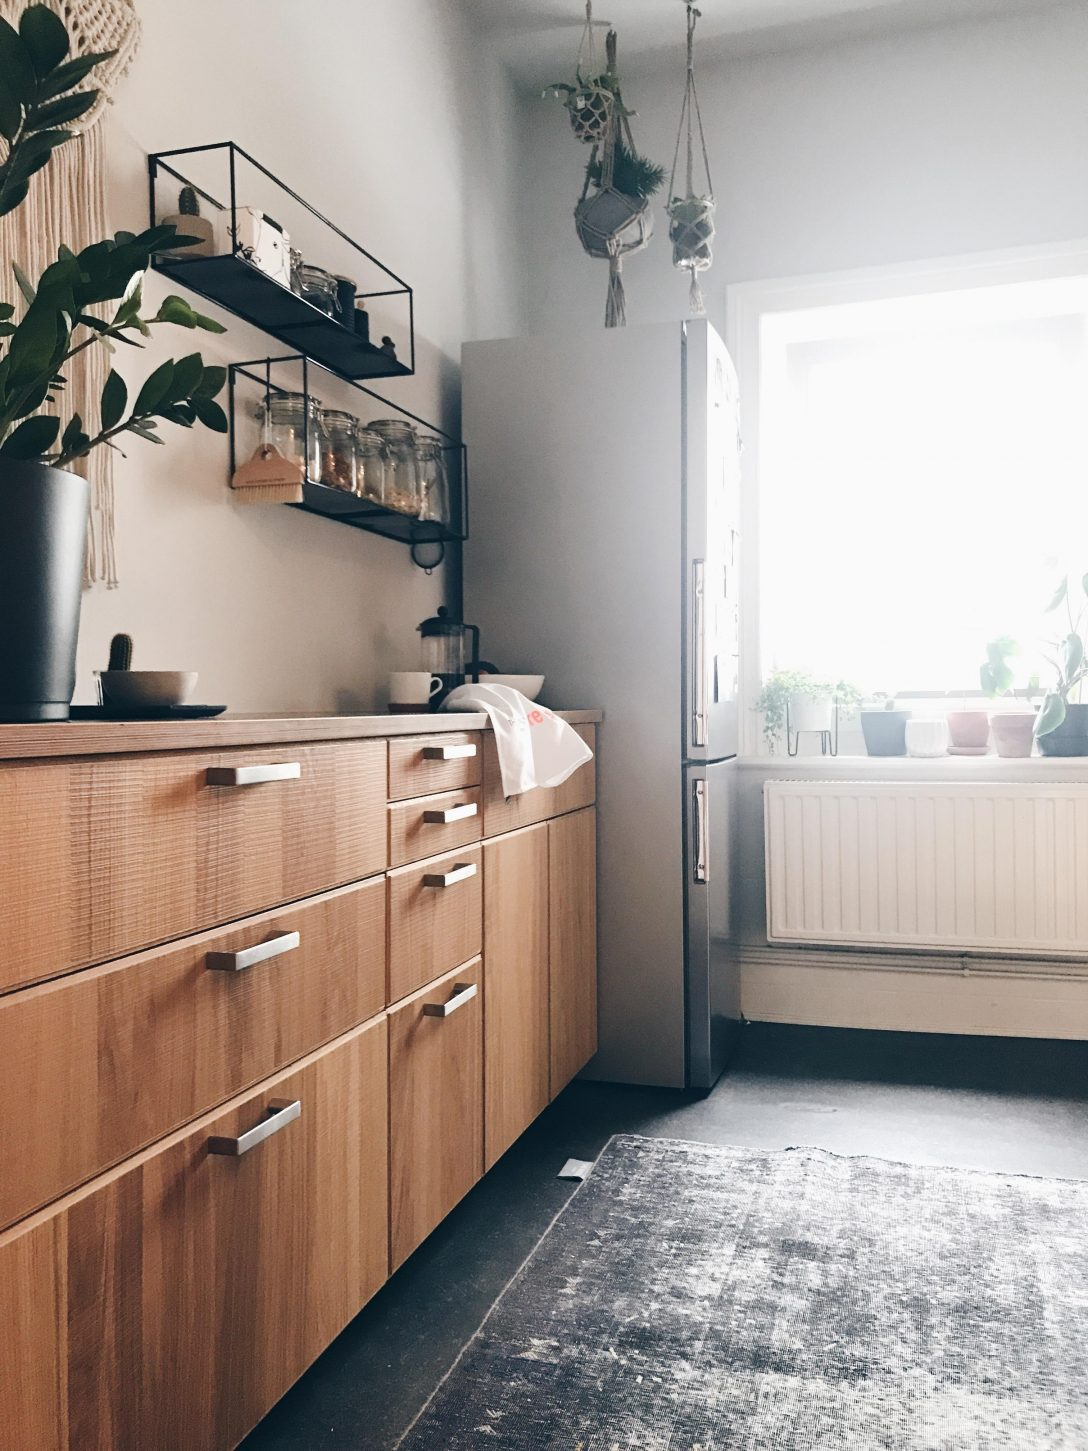 Large Size of Teppich Küche Schwarz Weiß Pappelina Teppich Küche Teppich Küche Pinterest Fliesen Teppich Küche Küche Teppich Küche